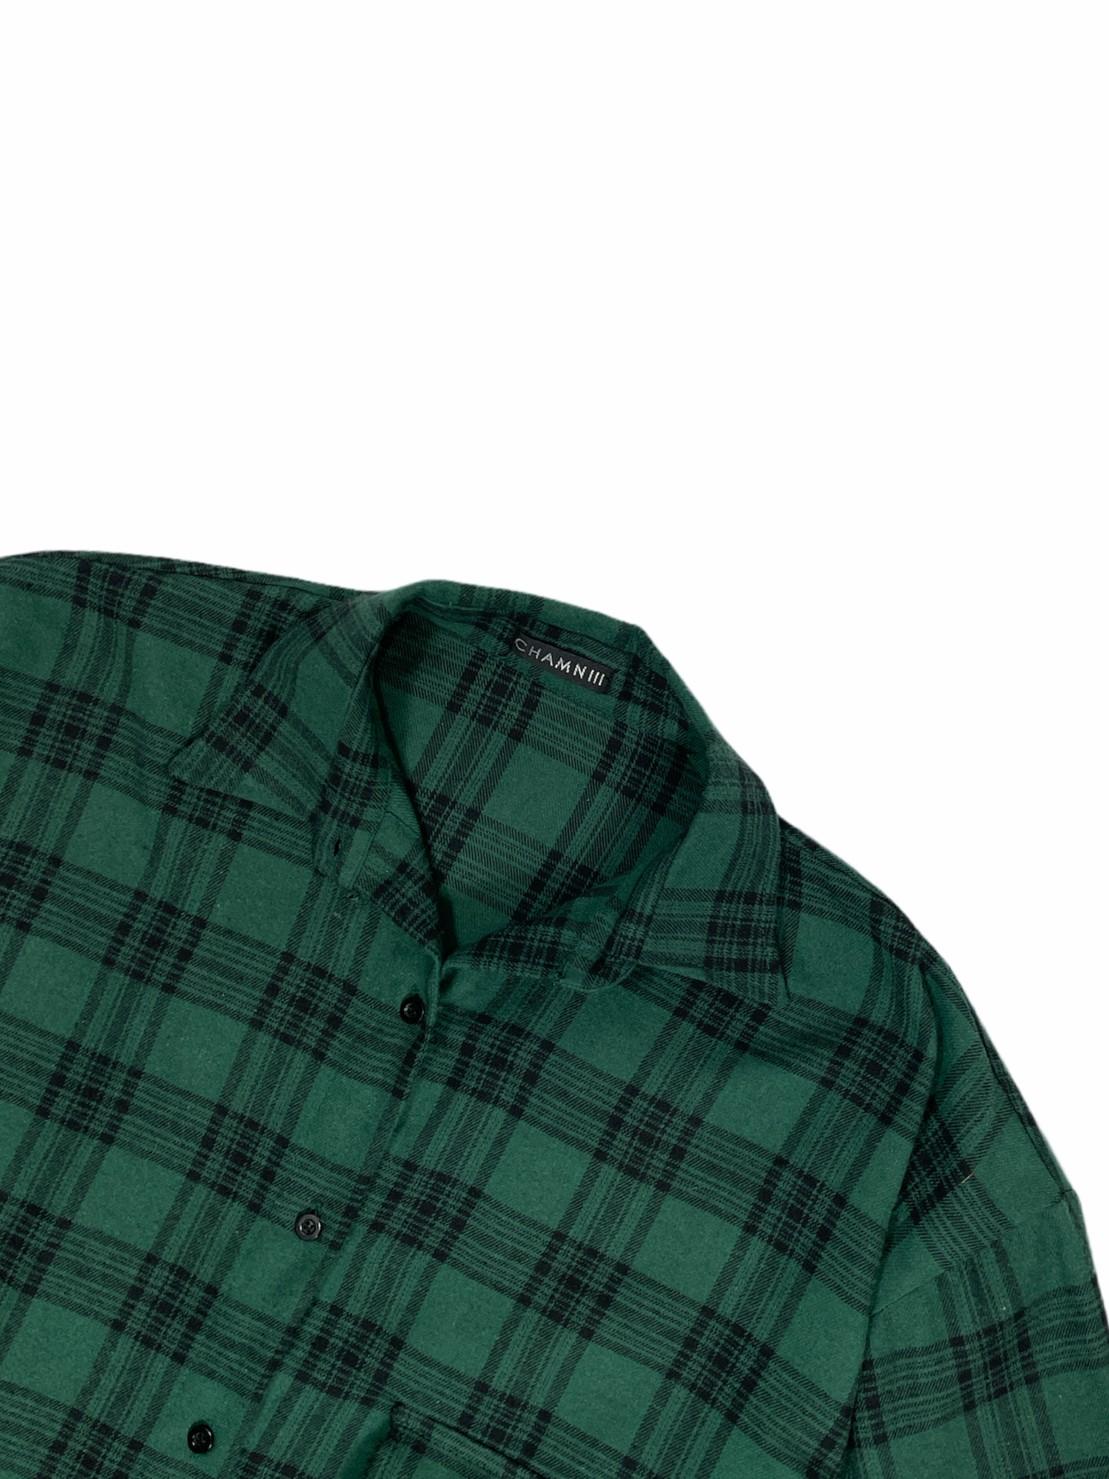 Billy Boy (Green)